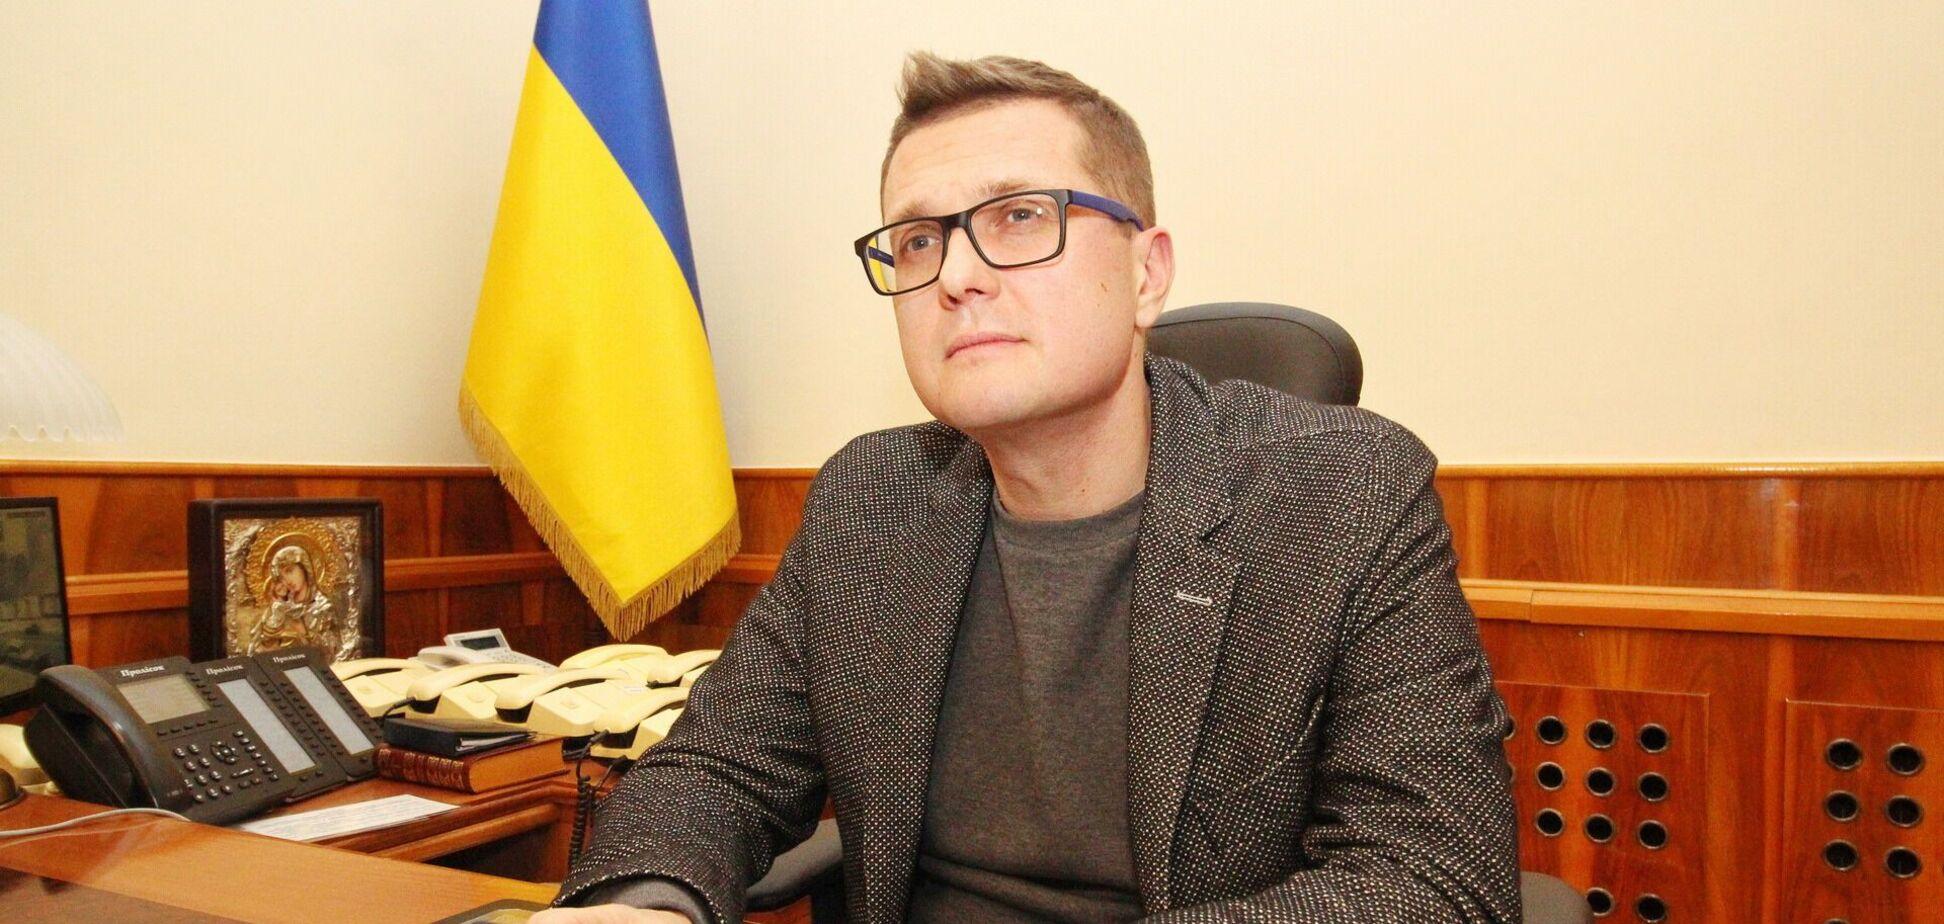 Баканов образився на заборону для СБУ мати родичів у Росії